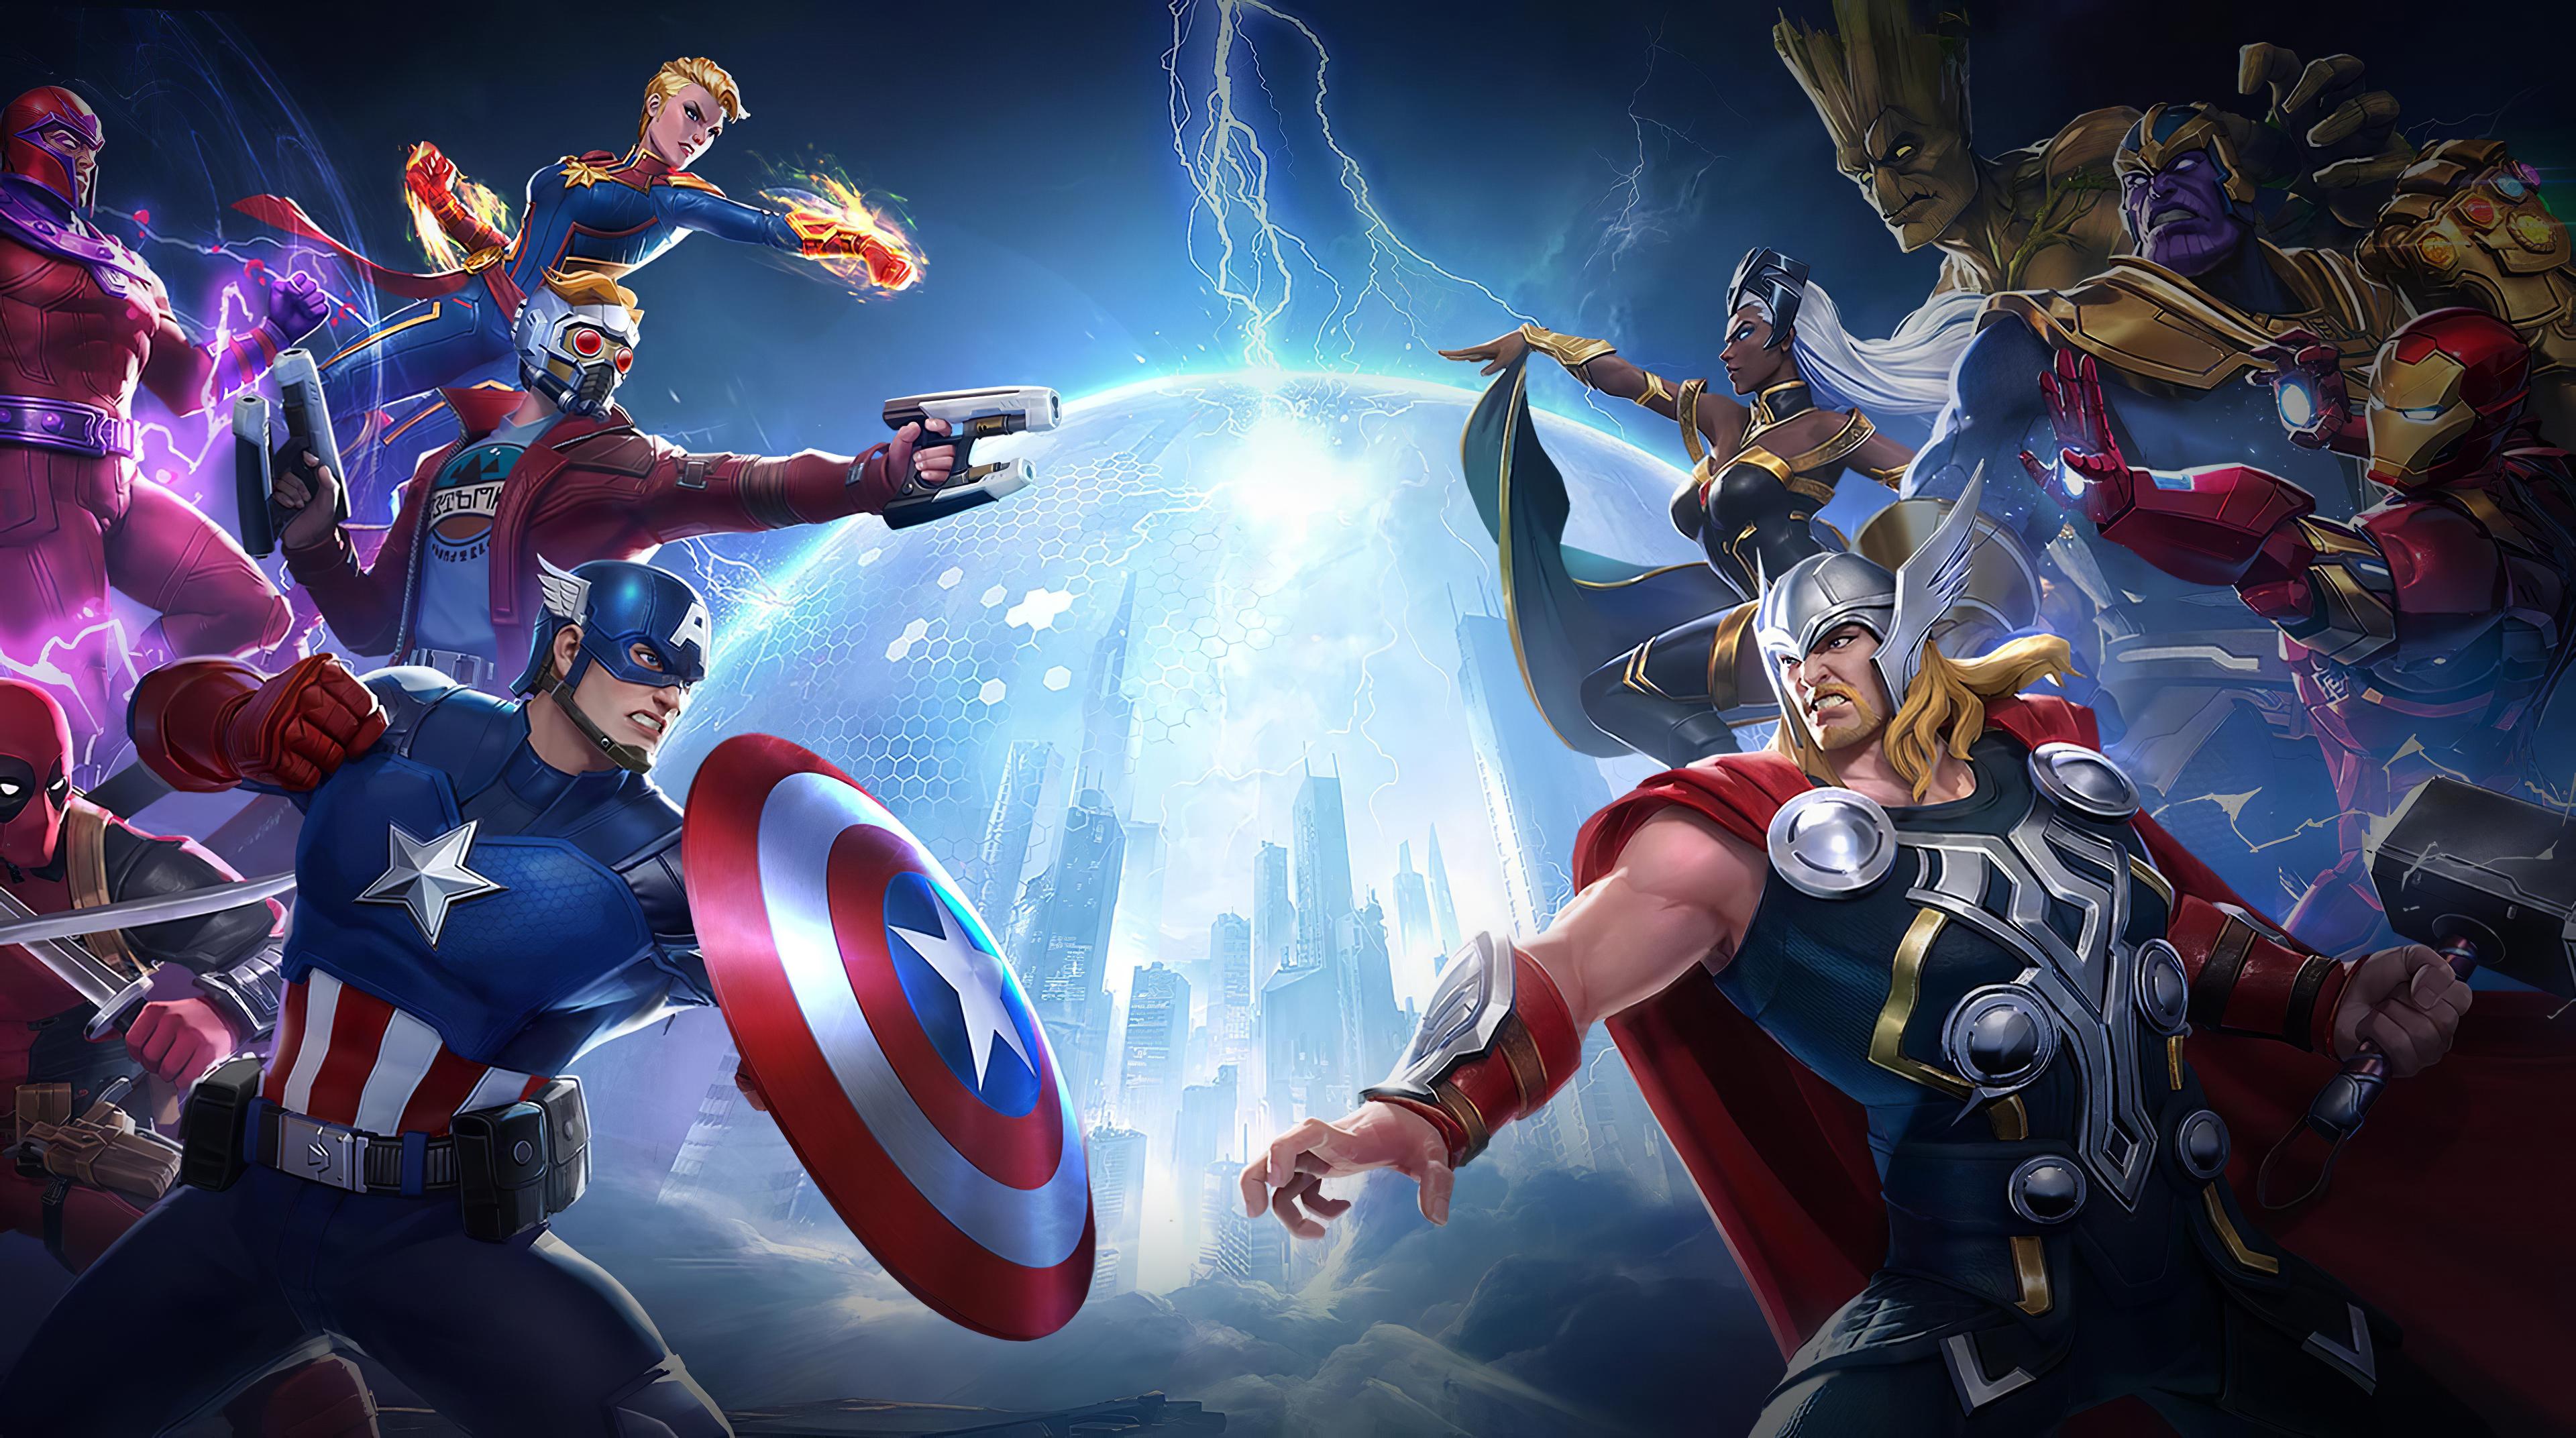 3840x2160 4k Marvel Super War 4k HD 4k Wallpapers, Images ...